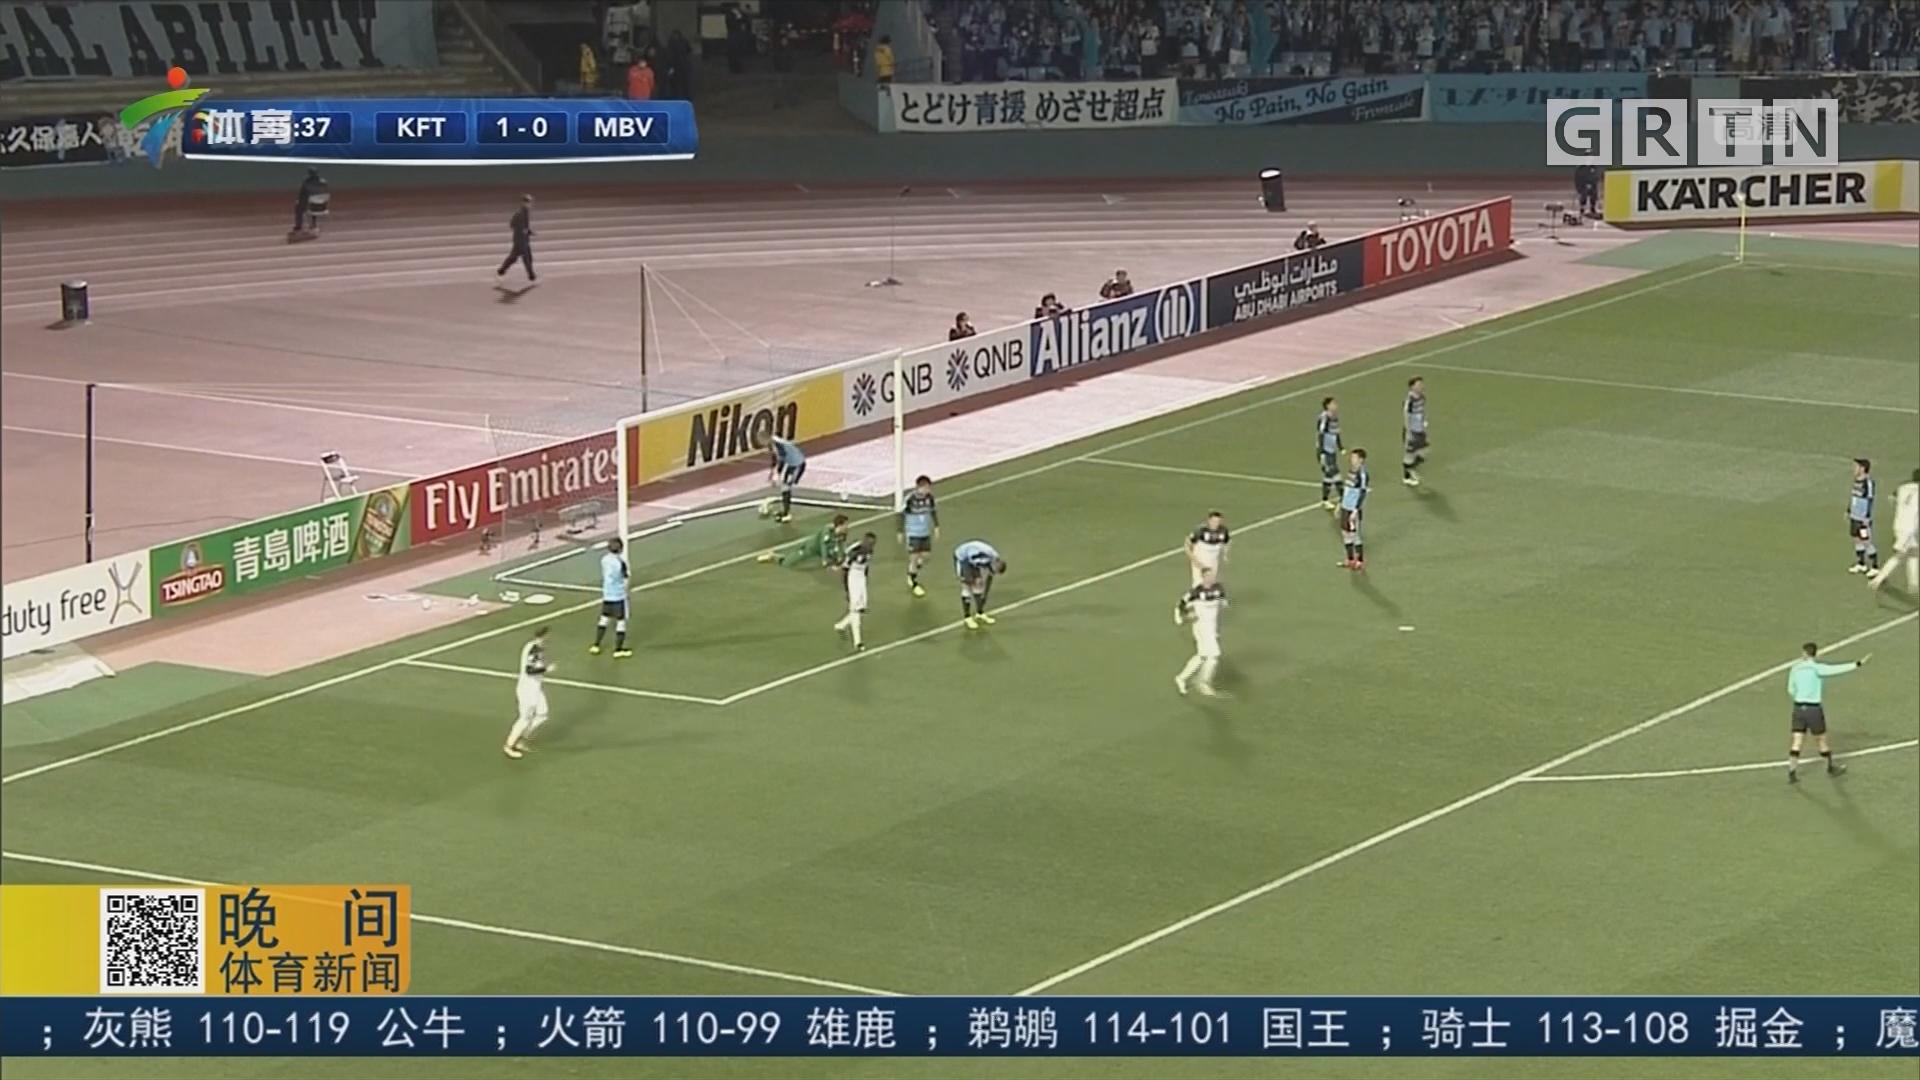 亚冠小组赛F组 川崎前锋主场战平墨尔本胜利